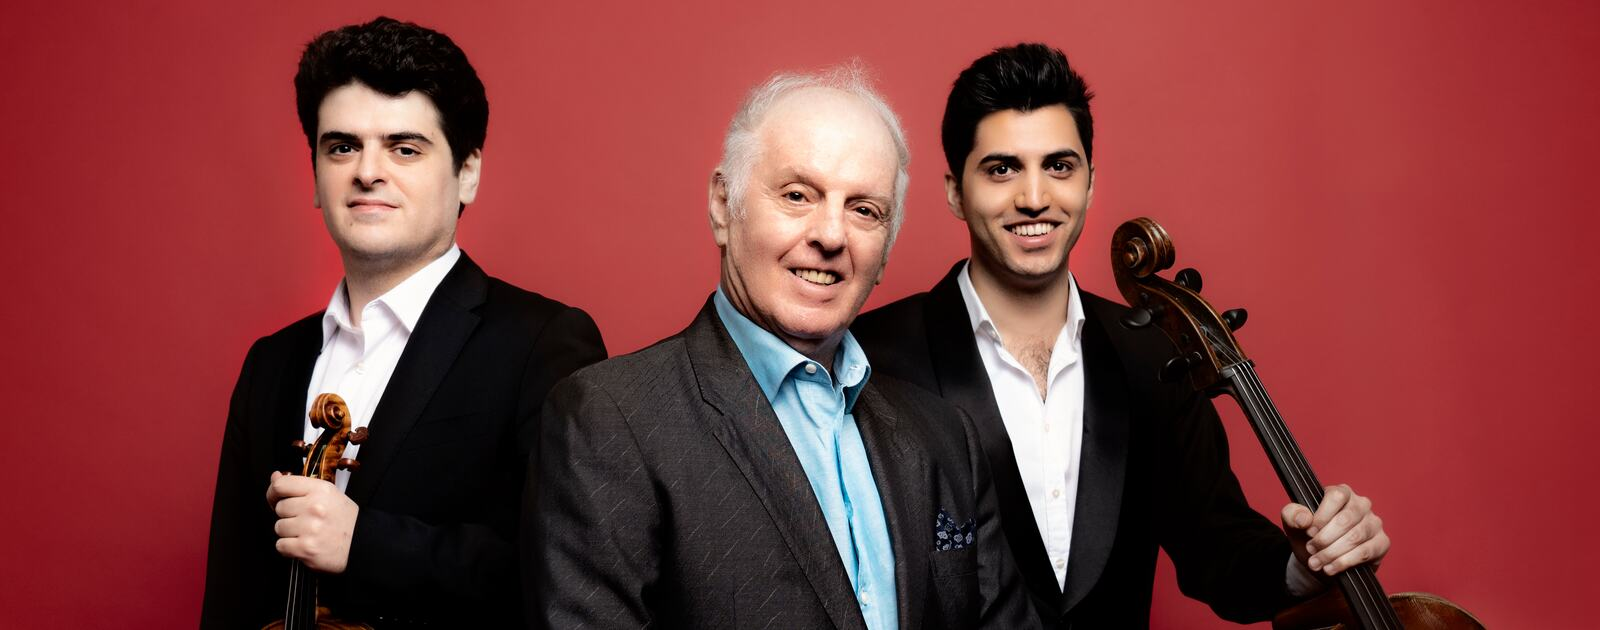 Barenboim, Barenboim & Soltani, musical trio